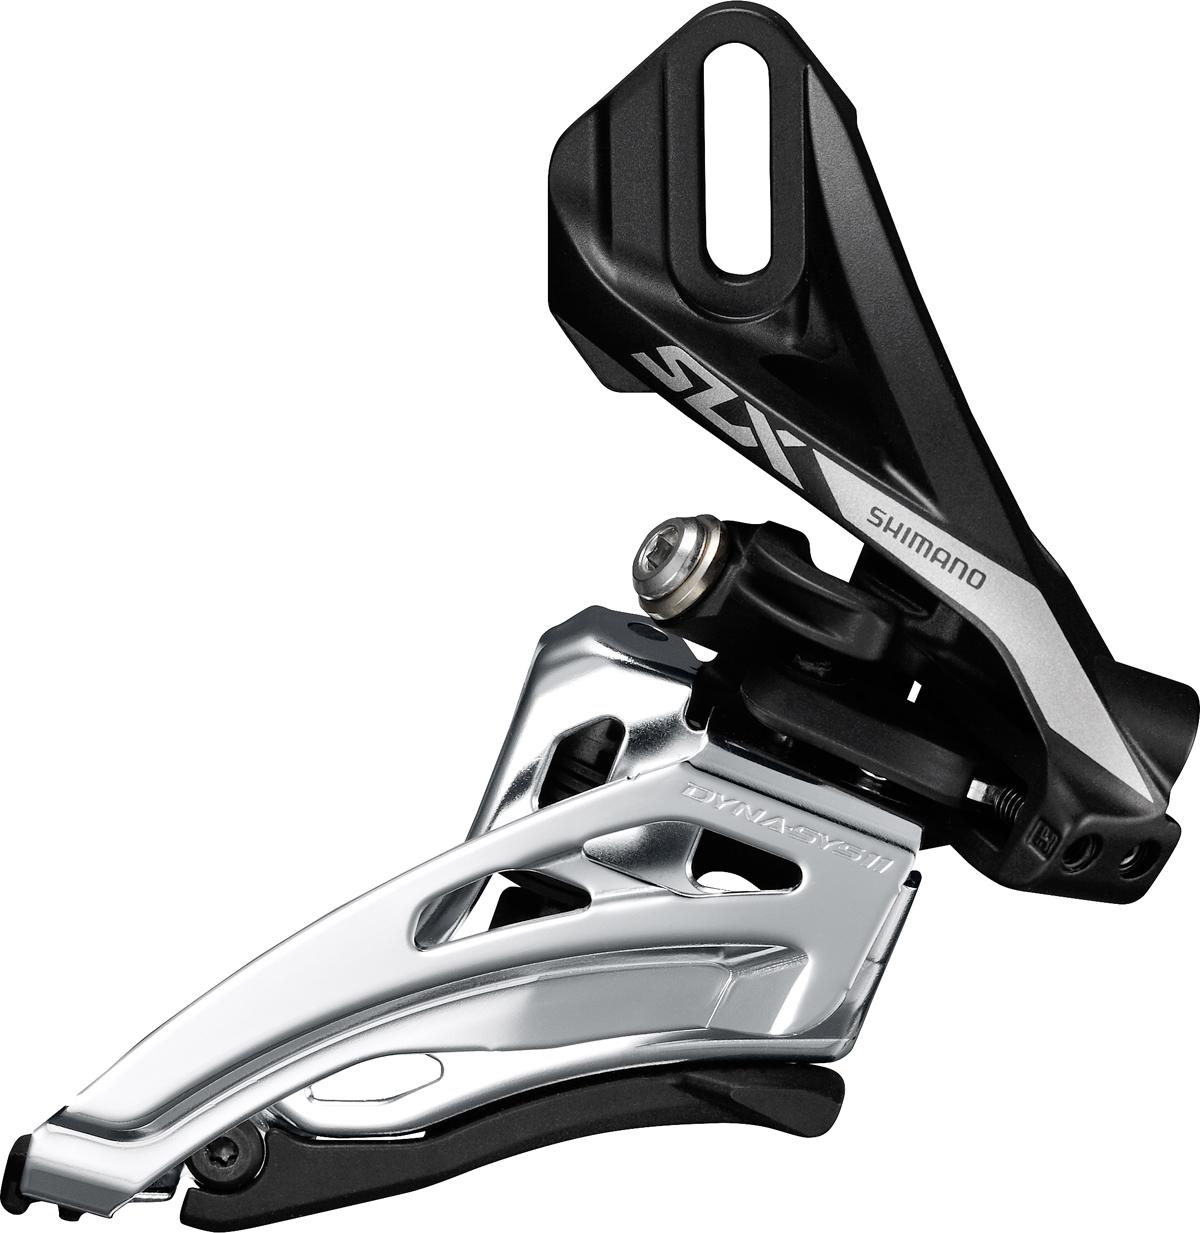 SHIMANO přesmykač SLX FD-M7020 pro 2x11 př mont D-typ Side-swing front pull pro 34-38z bal